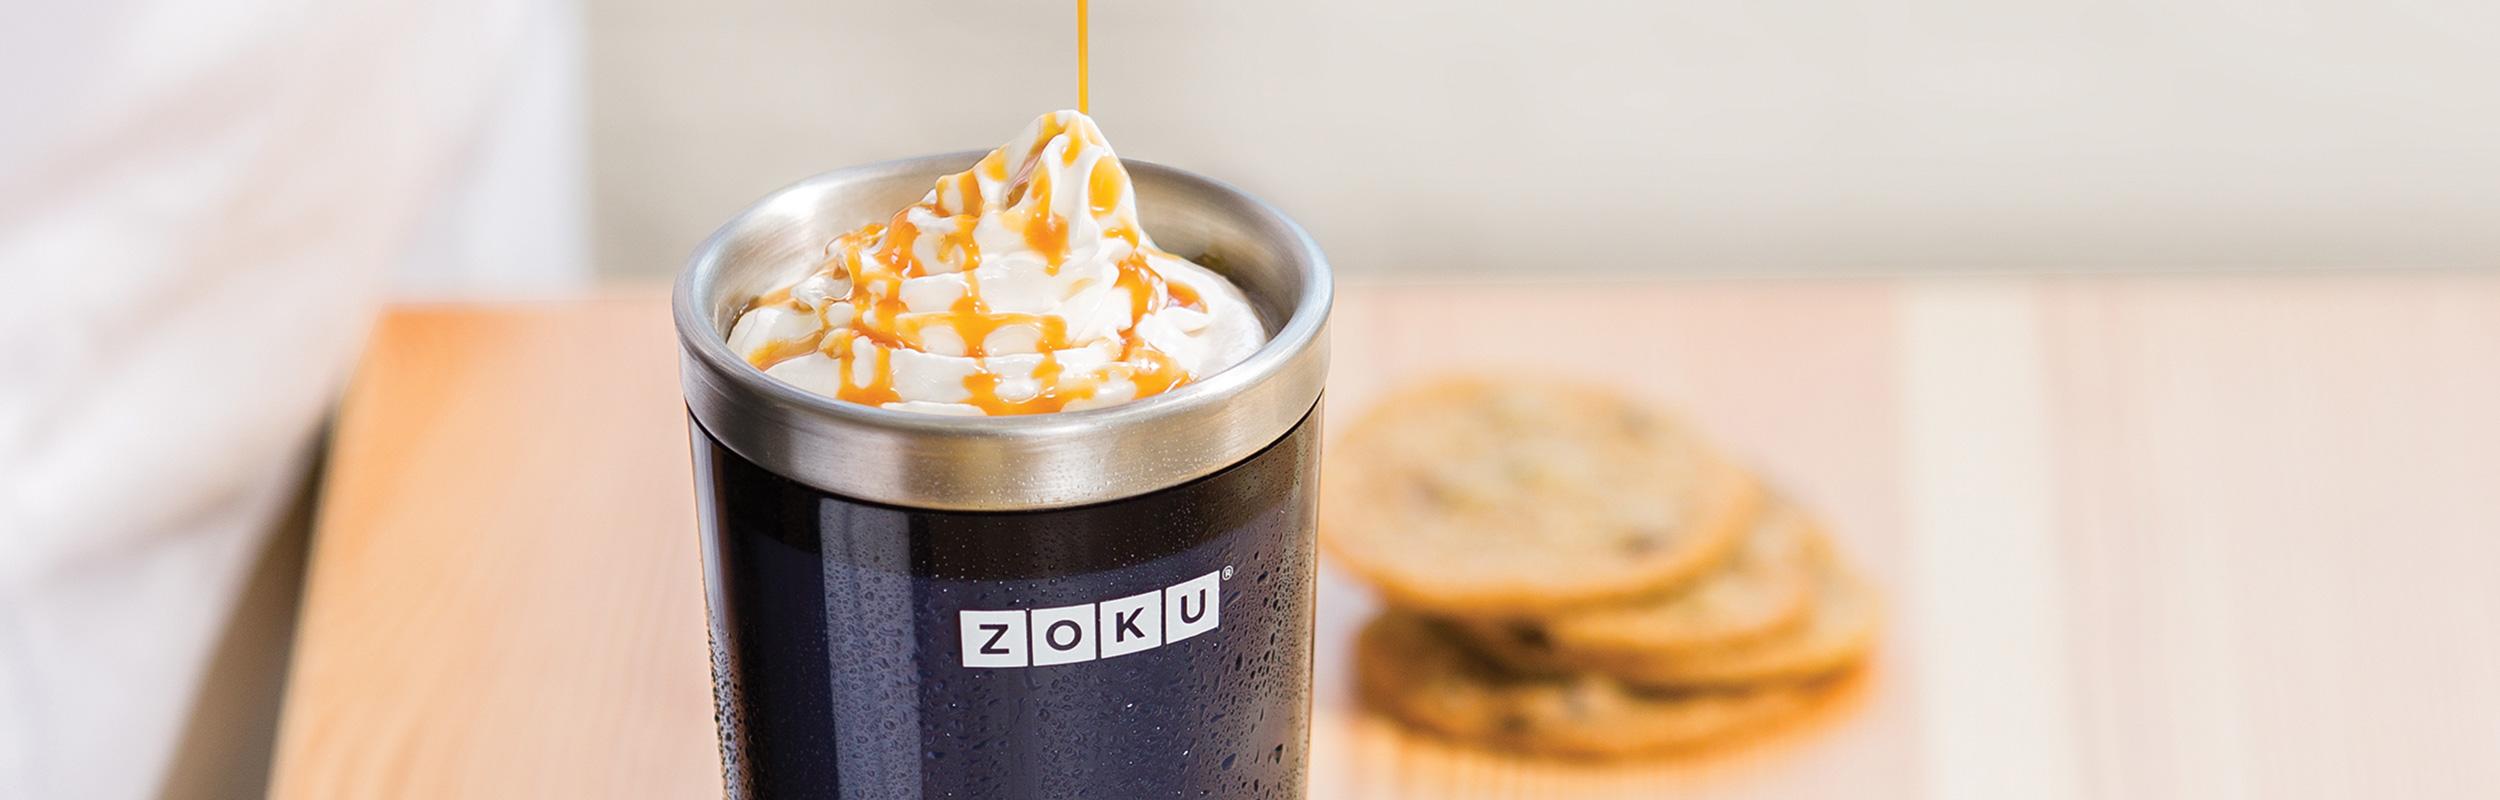 ZOKU Recipe